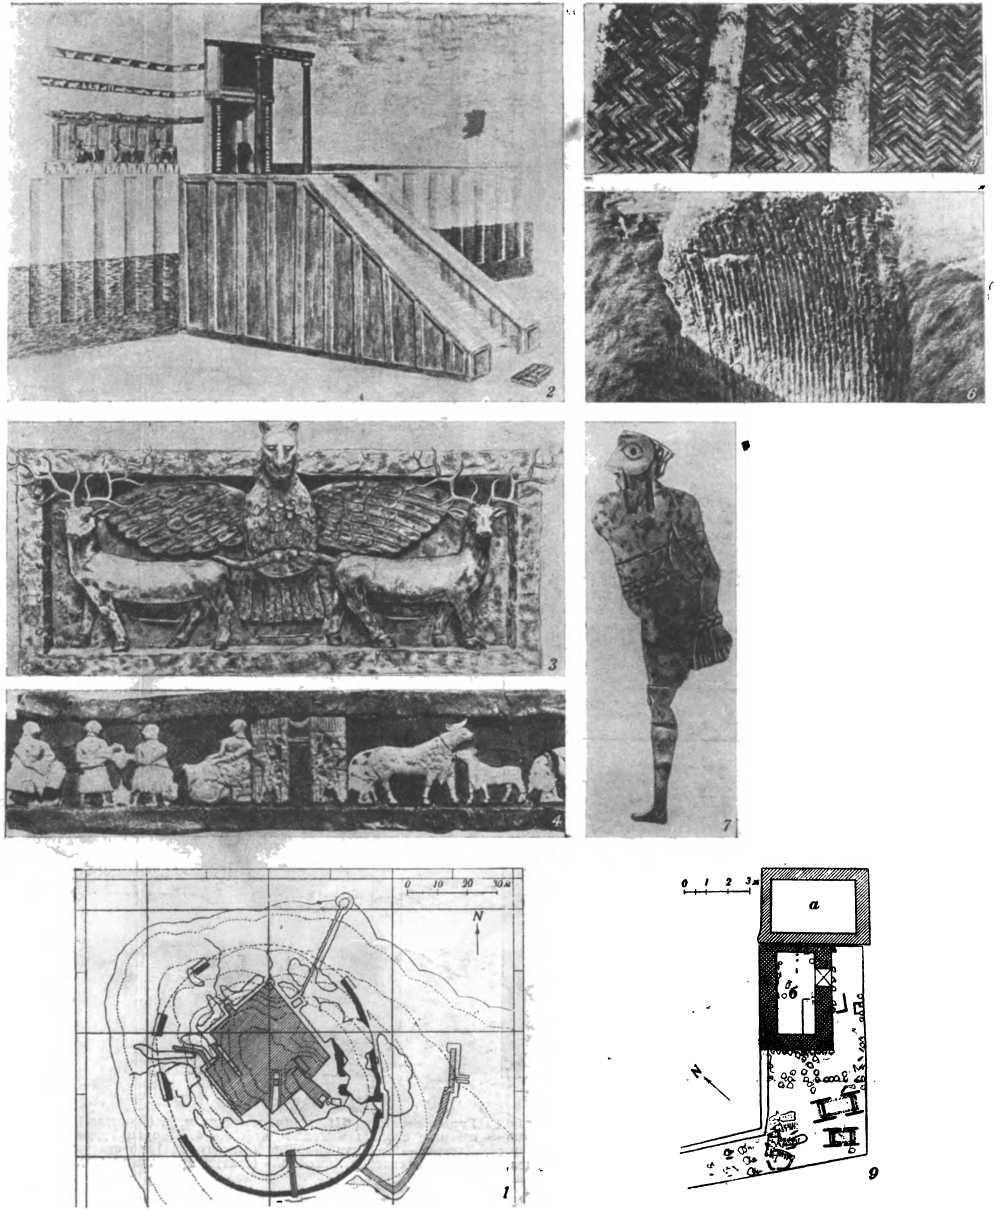 Таблица 75. Архитектура III тысячелетия до н. э. 1. Овальное ограждение храма в Тель-эль-Обейде (IV тысячелетие до н. э.) — 2. Фасад храма в Тель-эль-Обейде (реконструкция). — 3. Геральдический рельеф над портиком храма в Тель-эль-Обейде (медь; 2,37 м —1,07 м). — 4. Часть фриза «молочная ферма» на стене храма в Тель-эль-Обейде (инкрустация перламутром по черному шиферу: высота 24 см). — 5. Современная конструкция потолка в Месопотамии.— 6. Ур; отпечаток тростника на глиняной обмазке (III династия Ура, 2-я половина III тысячелетия до и. э.).— 7 и 8. Часть фриза со стен дворца в Кише (около 3000 лет до н. э., инкрустация раковиной но шиферу).— 9. План гробницы Абарги (б) и Шубад (а) в Уре (около 5000 г. до н. э.).